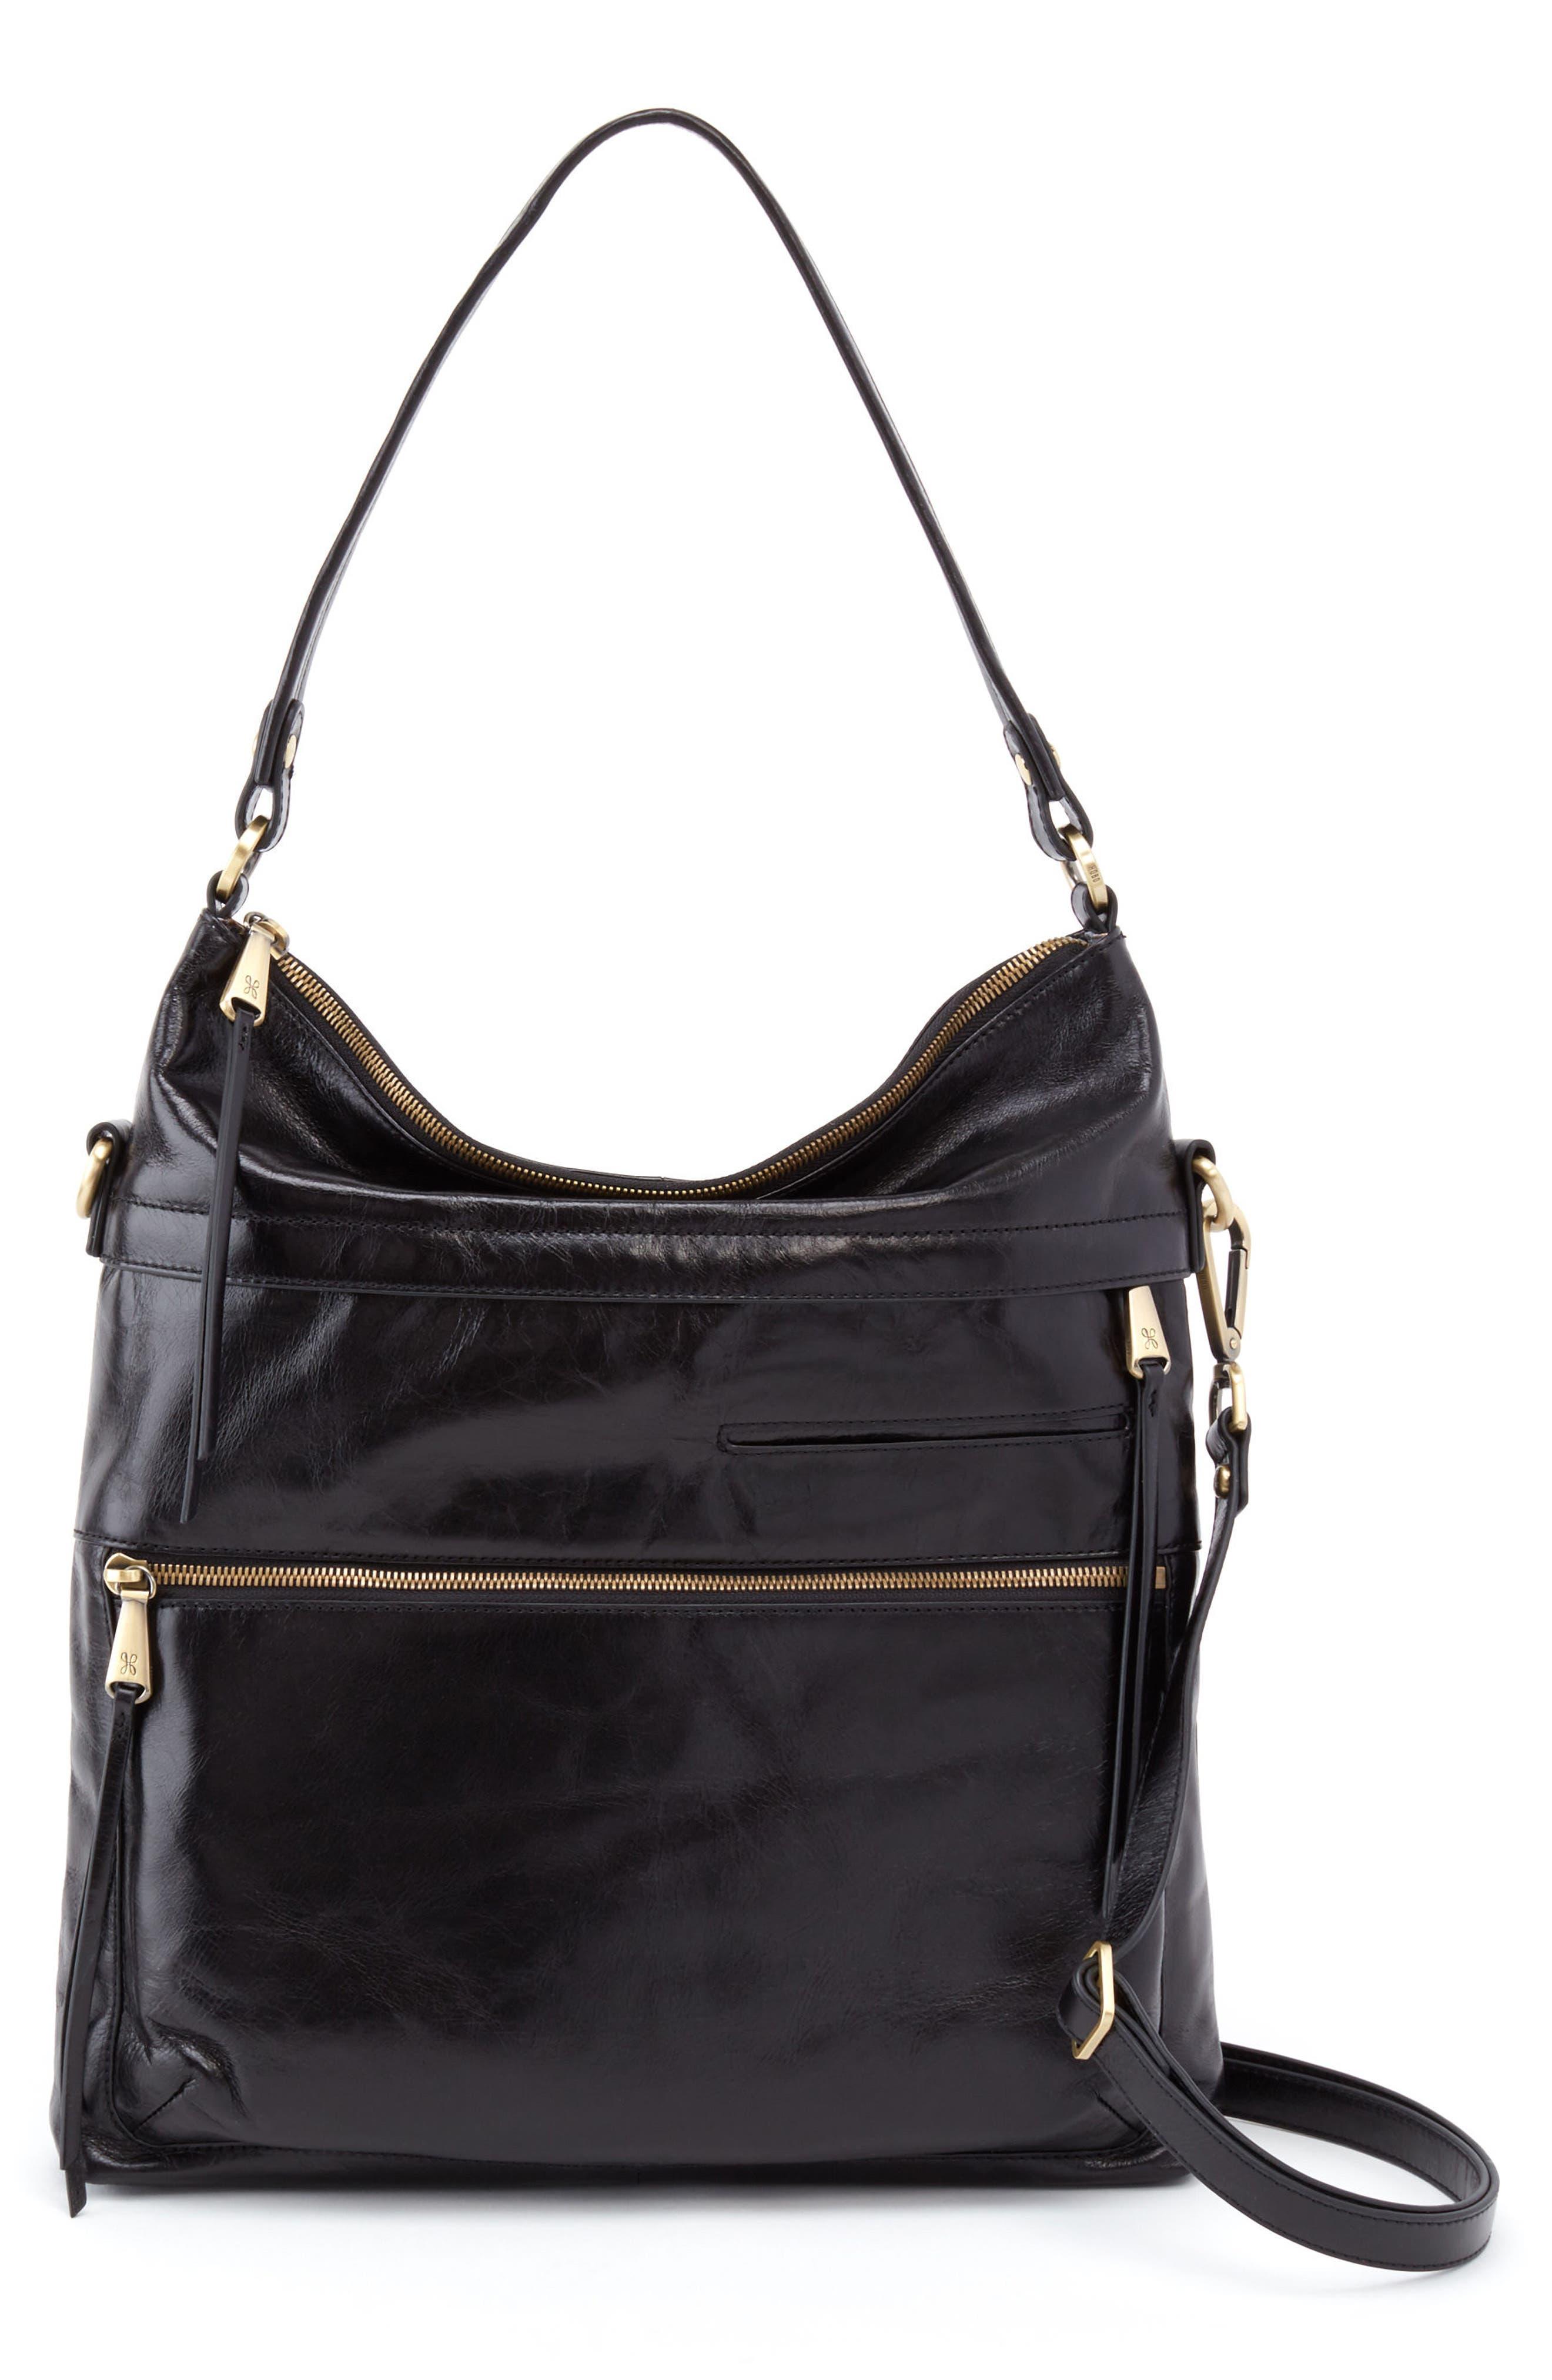 Hobo Liberty Convertible Bucket Bag